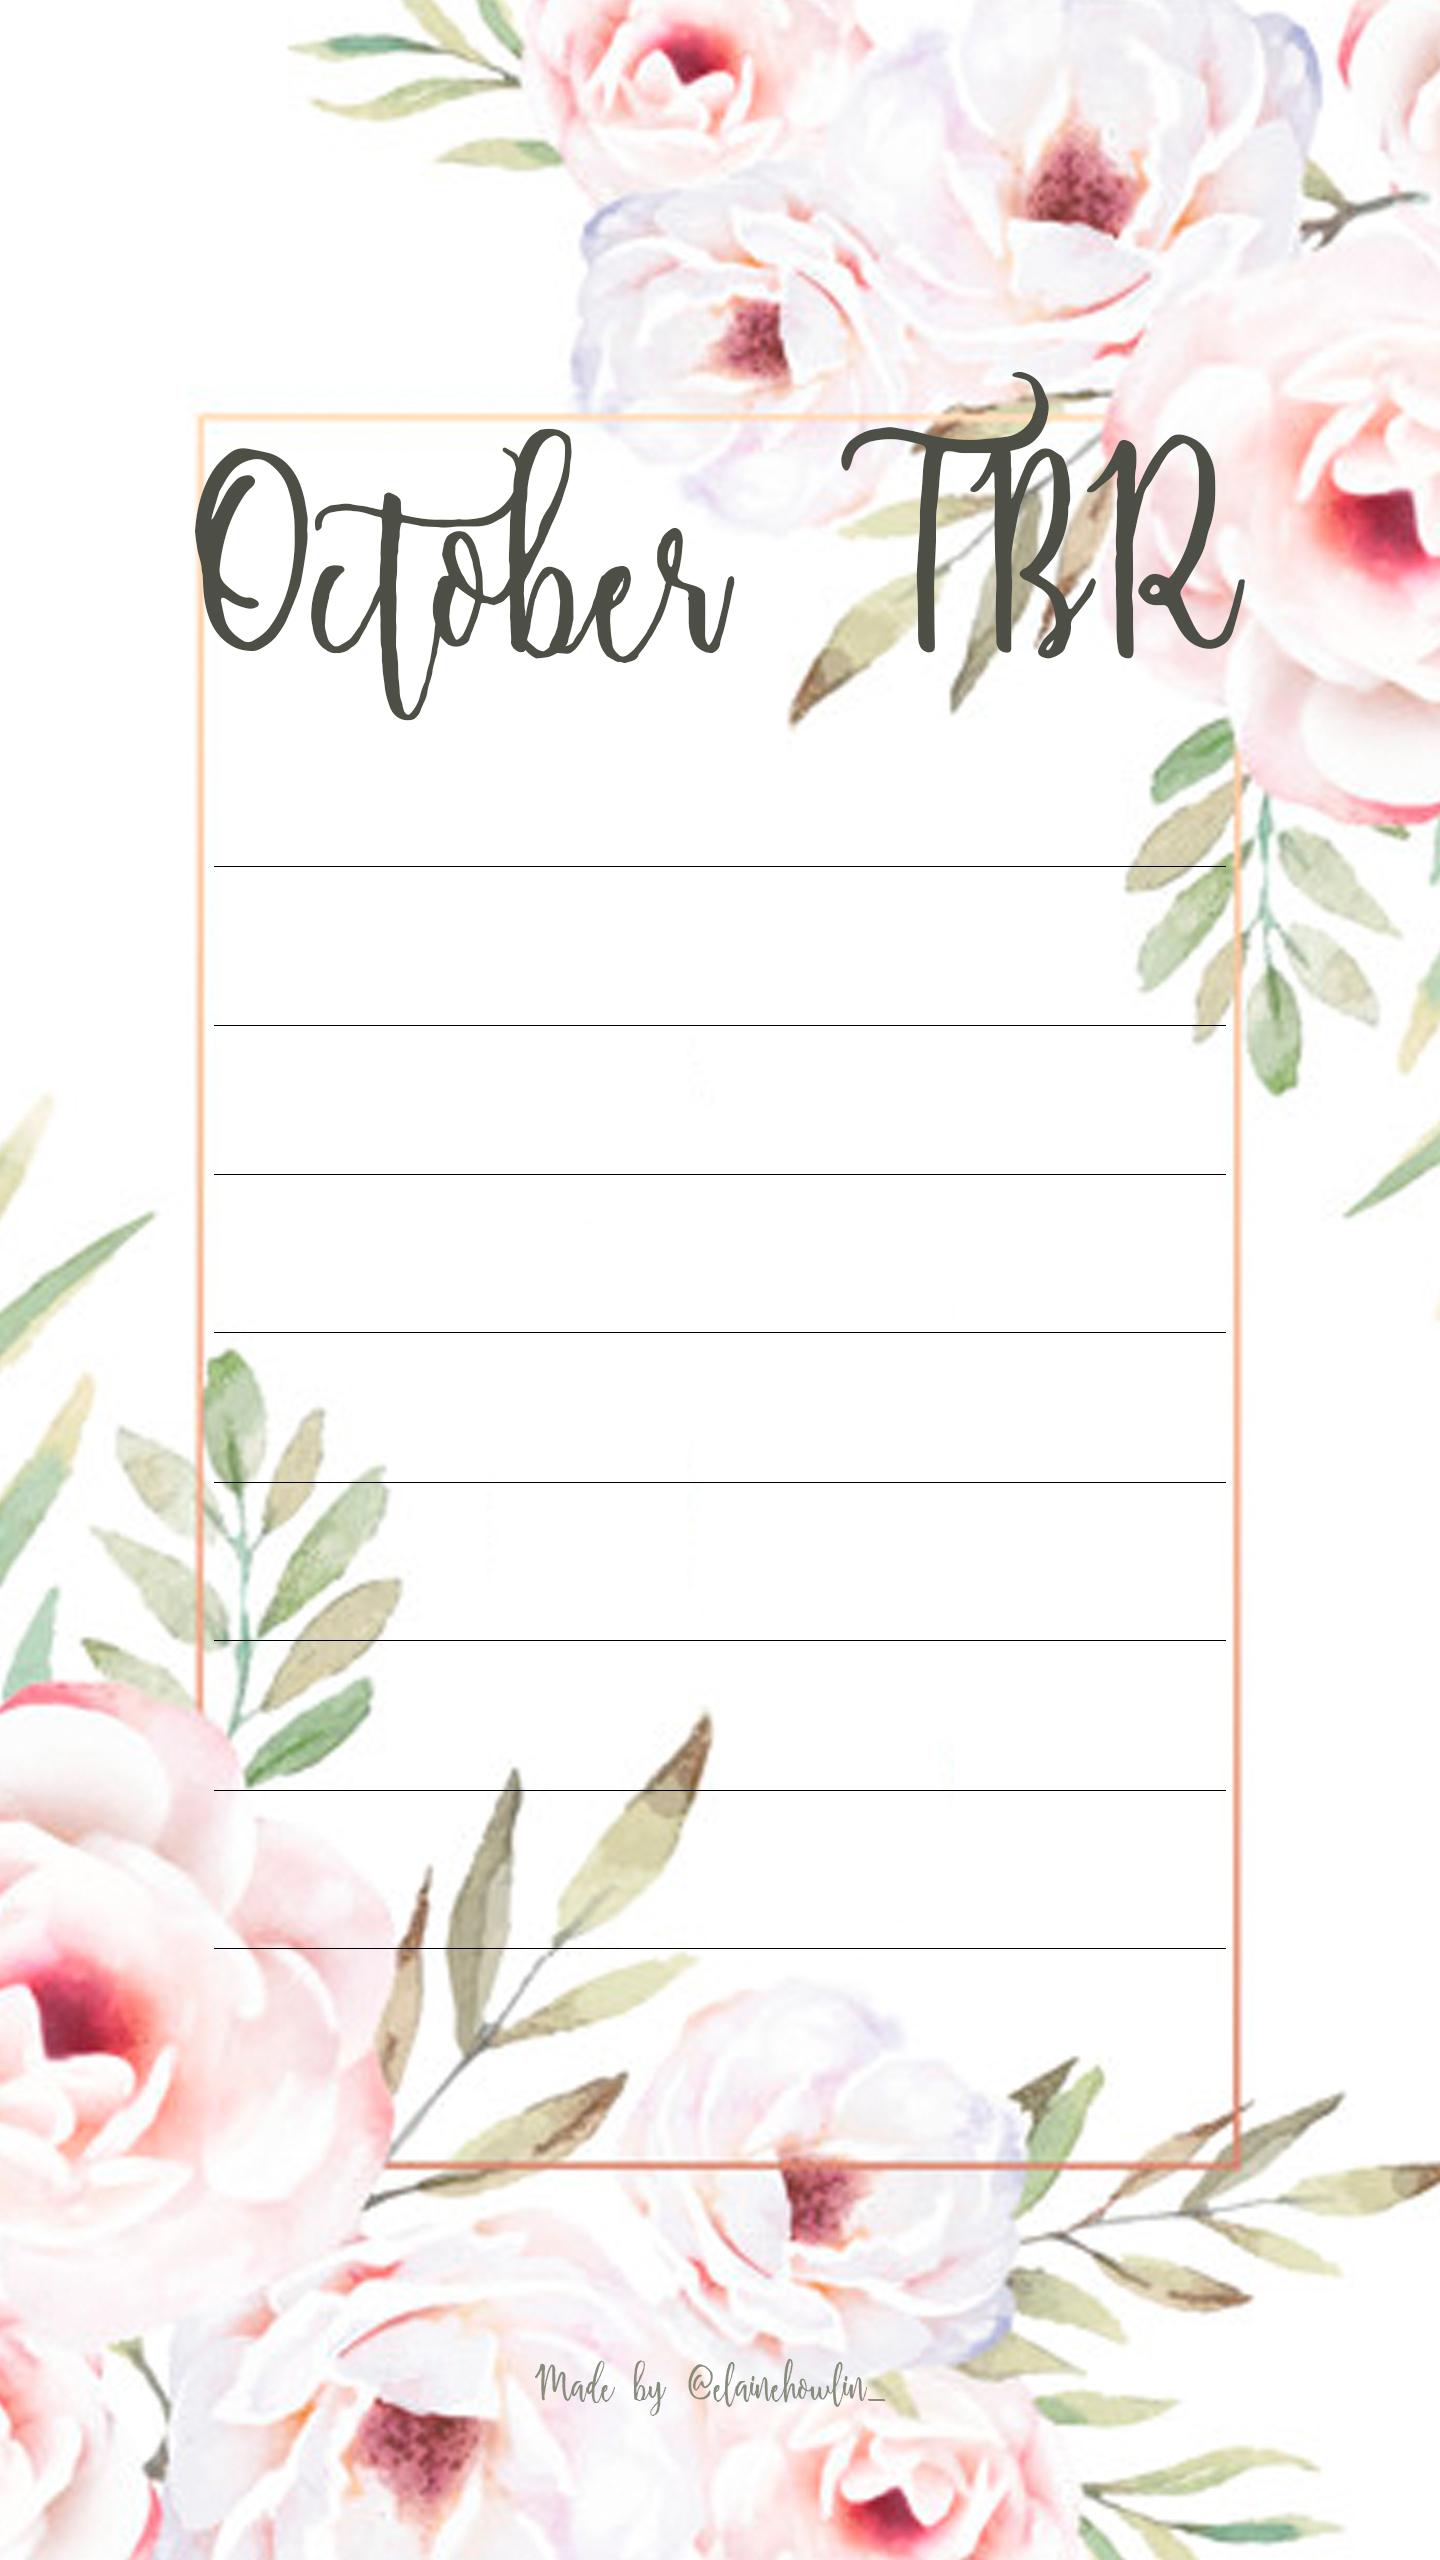 TBR October Elaine Howlin Bookstagram